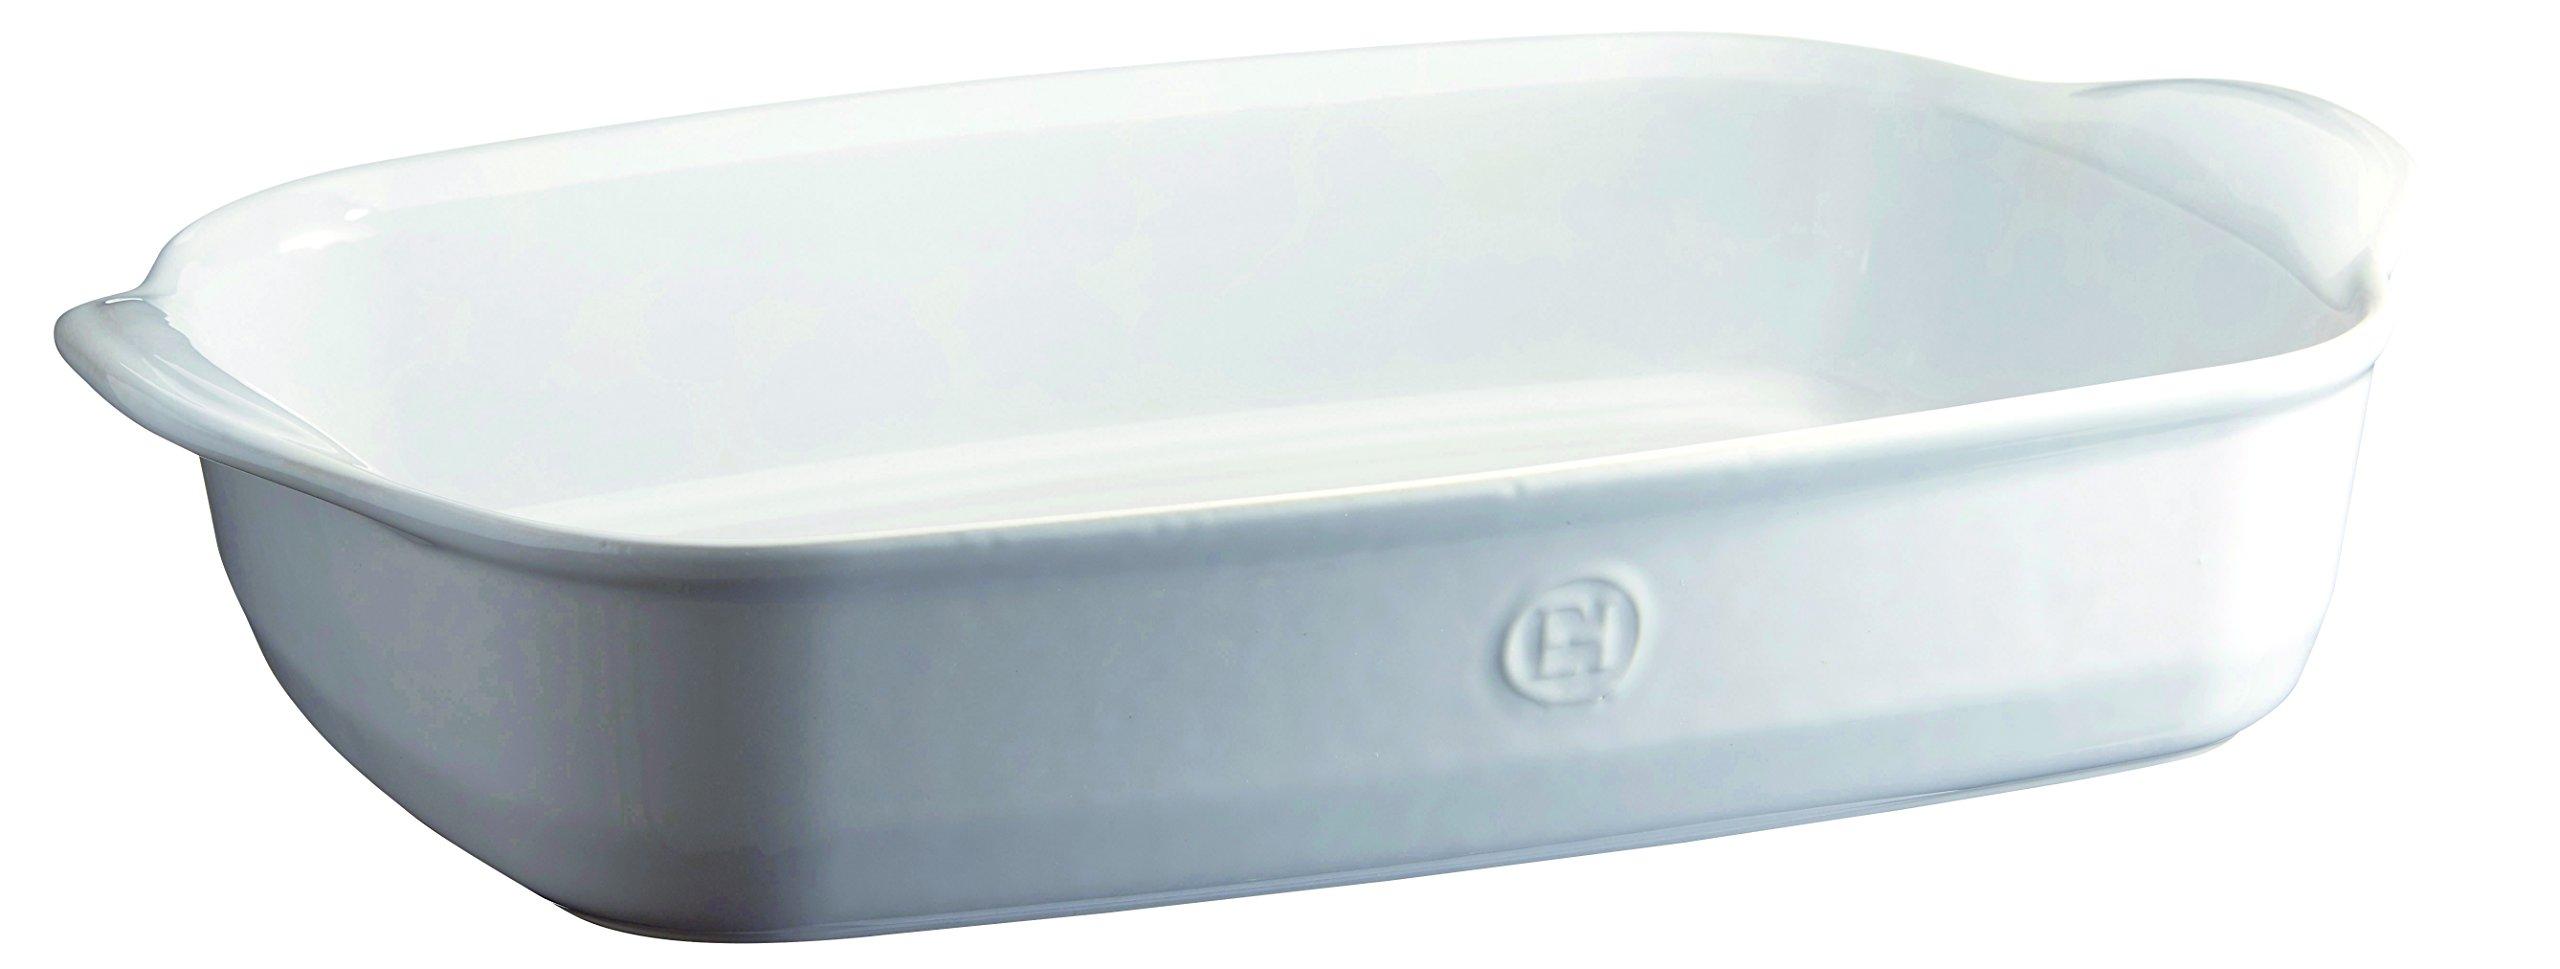 Emile Henry 119654 France Ovenware Ultime Rectangular Baking Dish, 16.5 x 10.6, Flouro